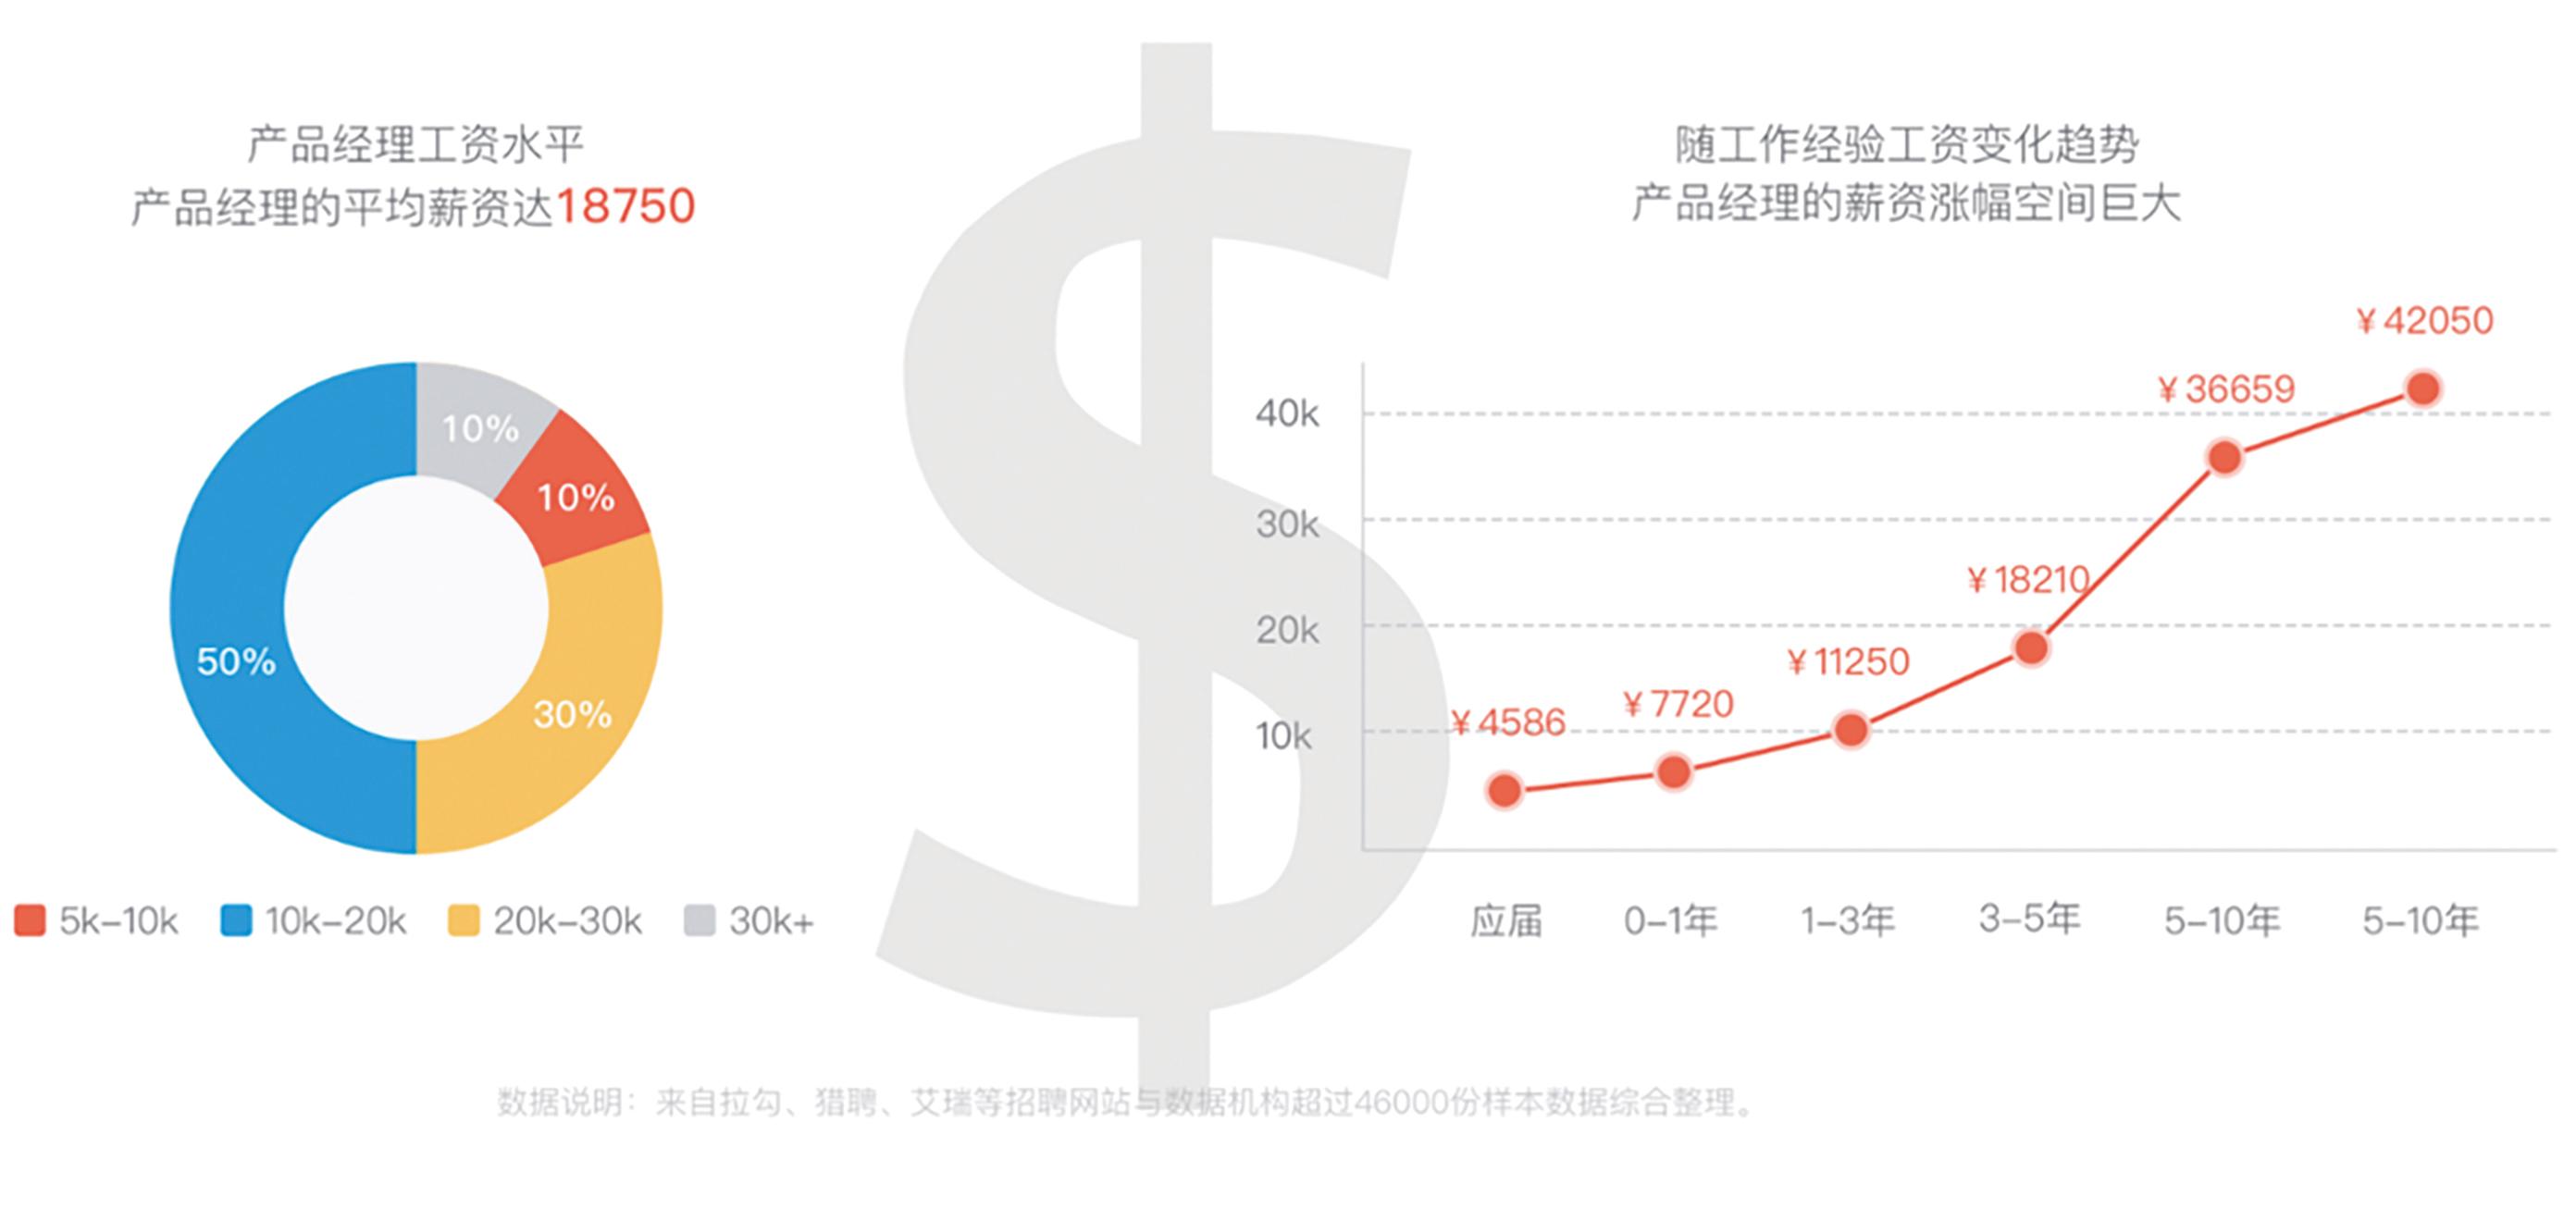 产品经理职业薪资趋势